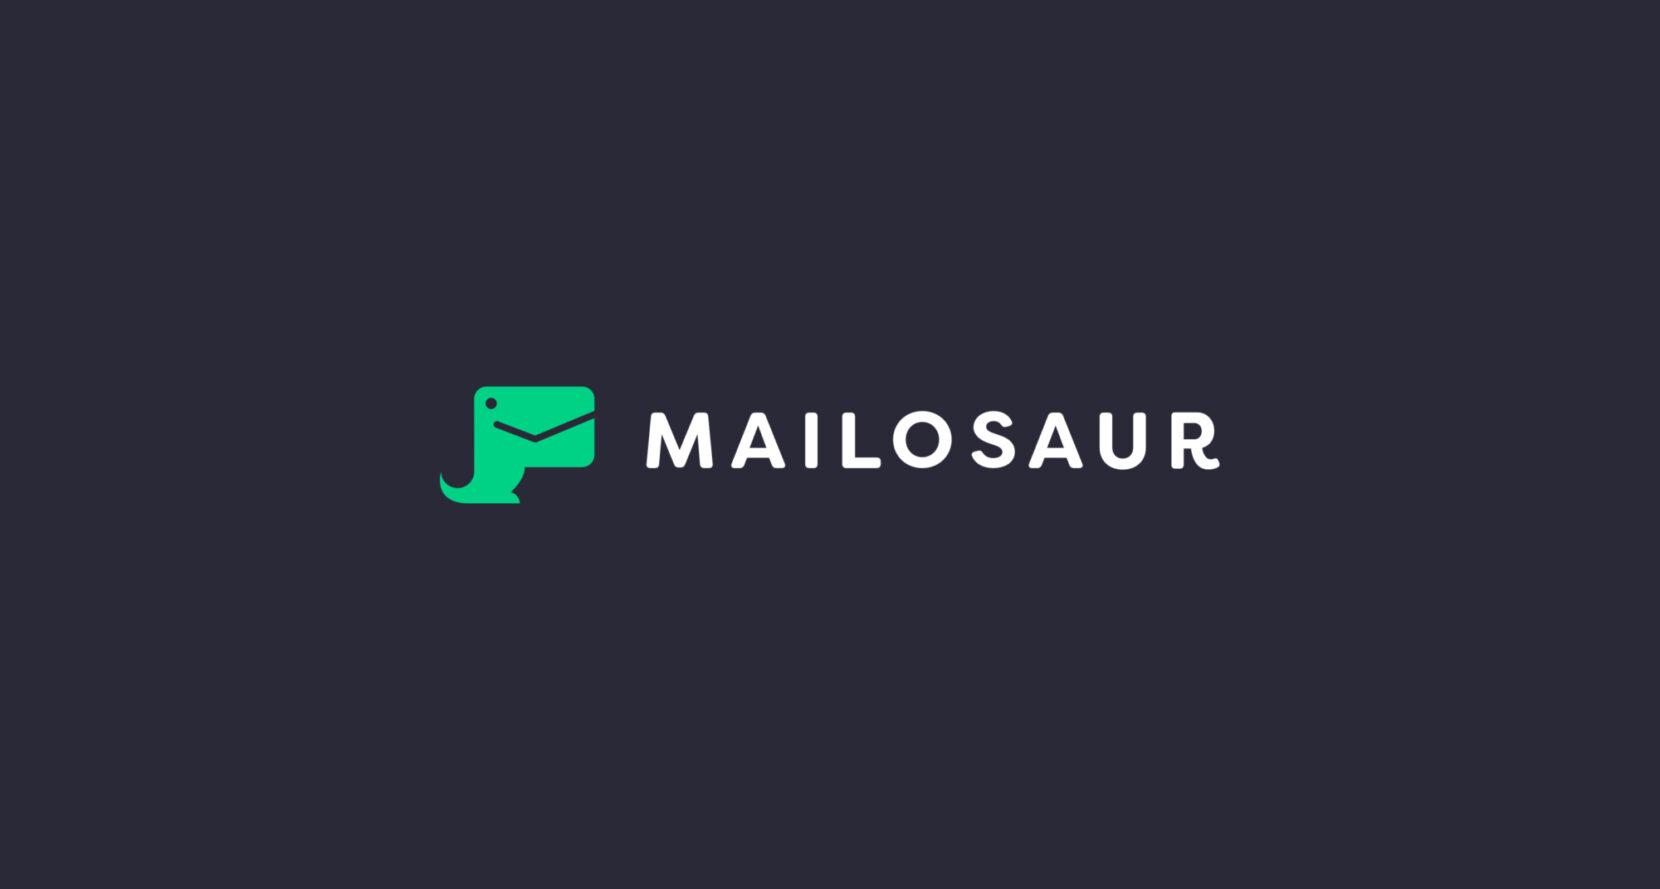 Mailosaur logo x2